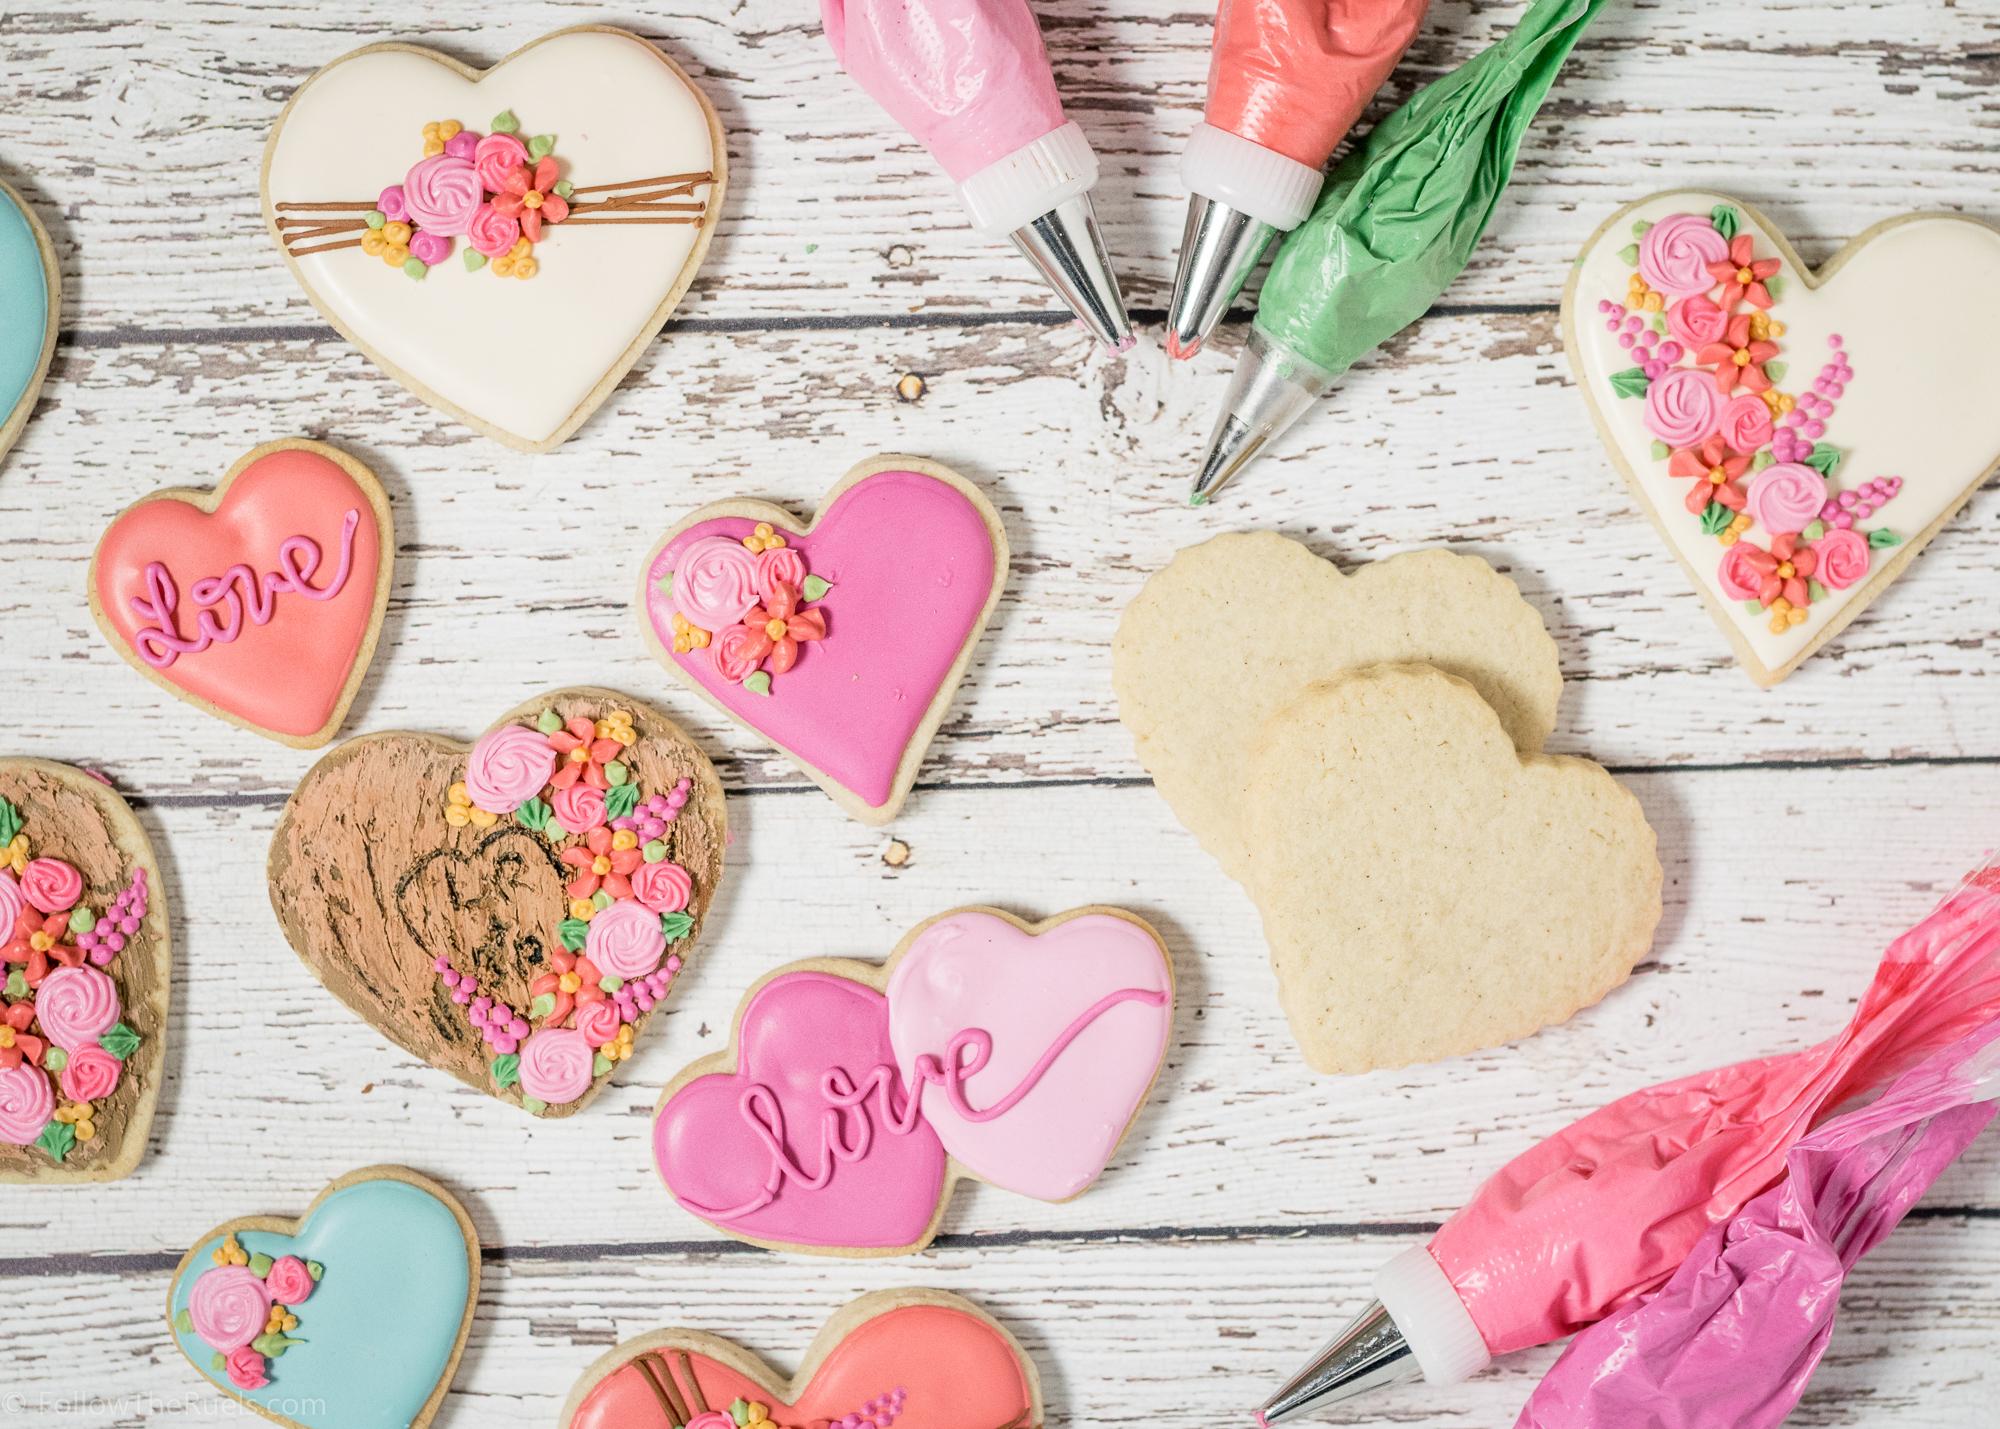 Rustic-Floral-Cookies-4.jpg